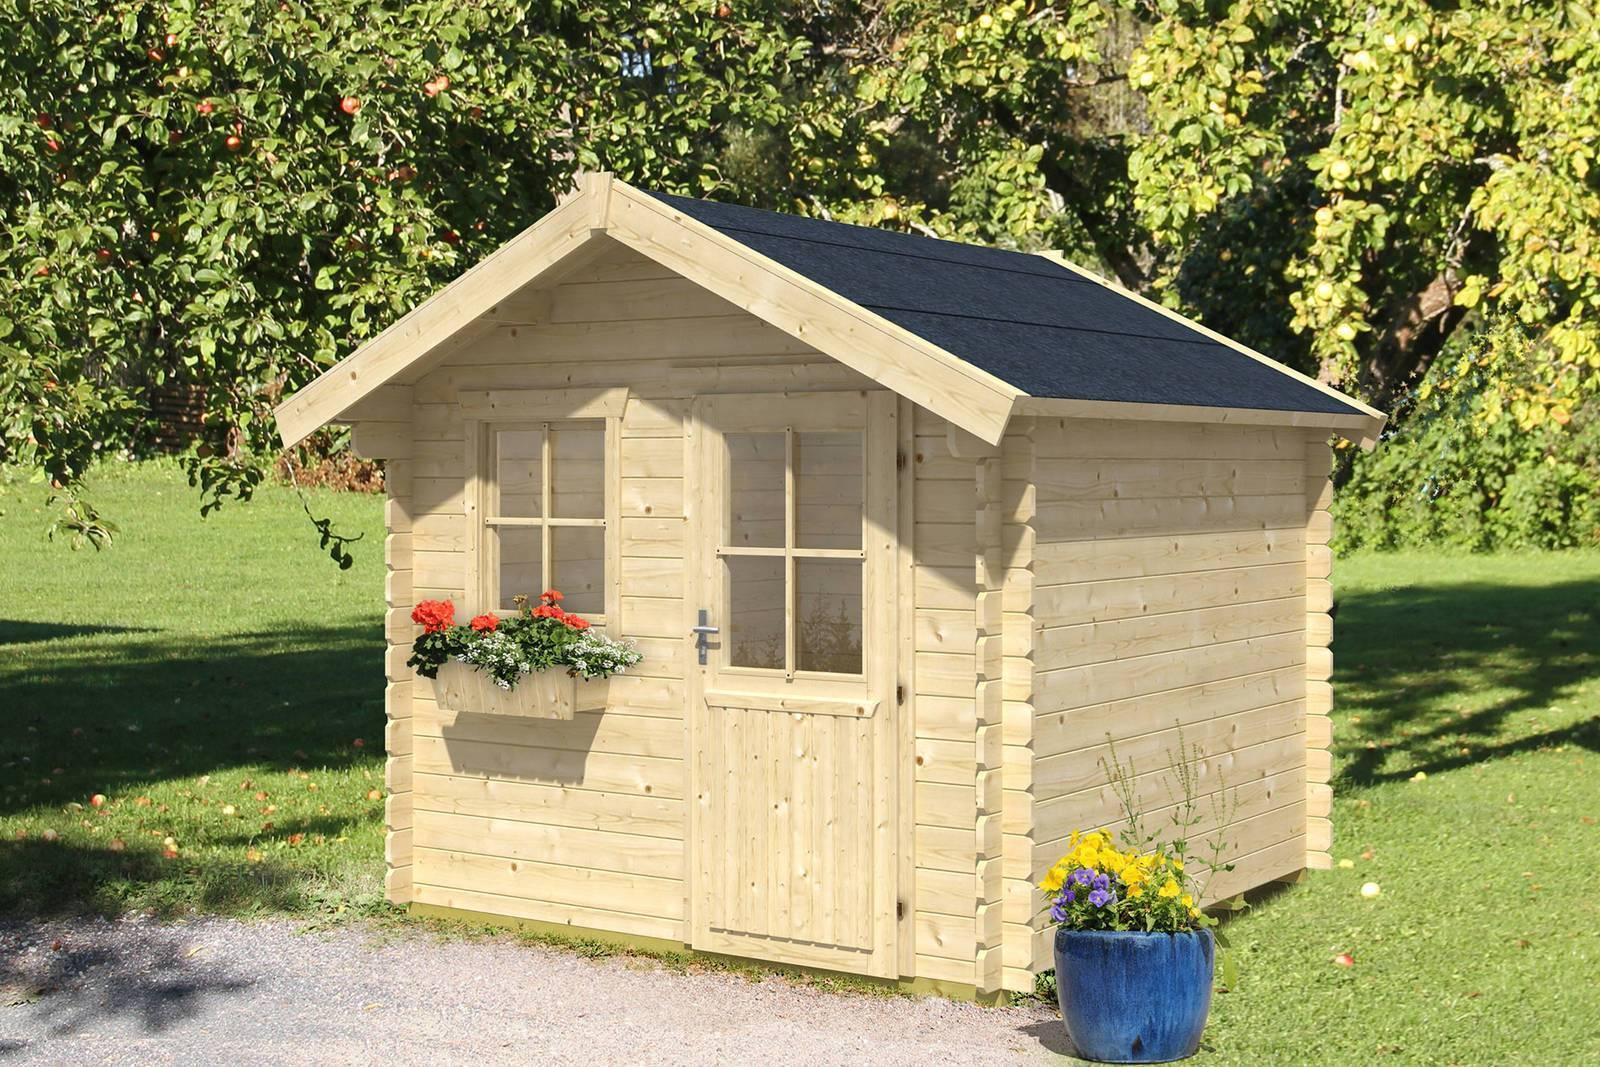 skan holz gartenhaus porto 3 250x300 cm st rke 28mm blockbohlenhaus ebay. Black Bedroom Furniture Sets. Home Design Ideas